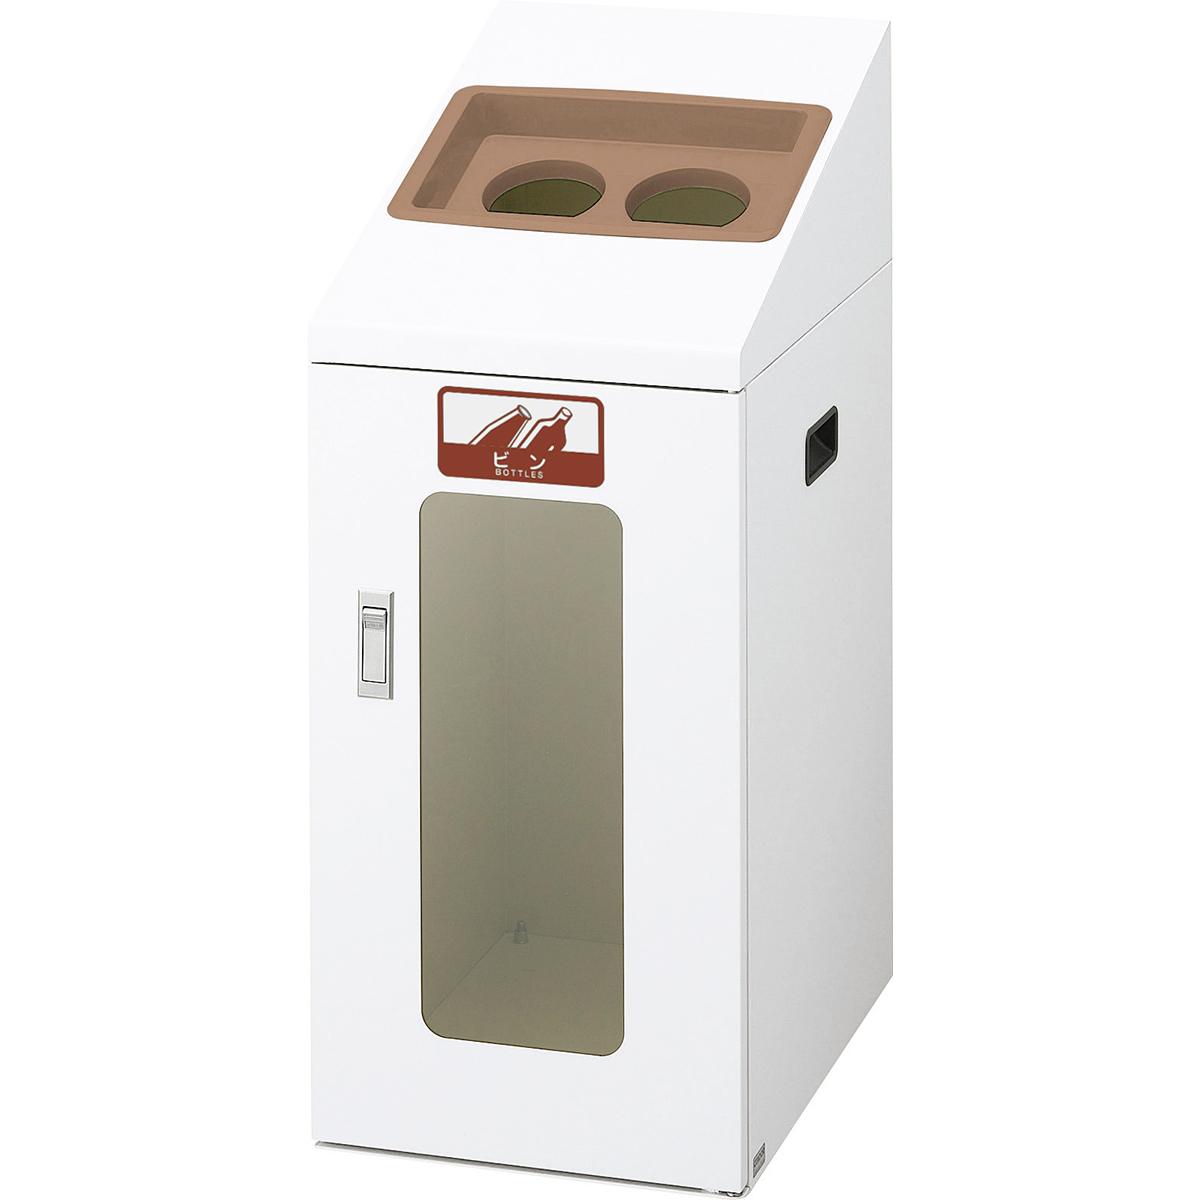 山崎産業 リサイクルボックス TIS-50 70L あきビン/BR(茶) (代引不可) YW-361L-ID